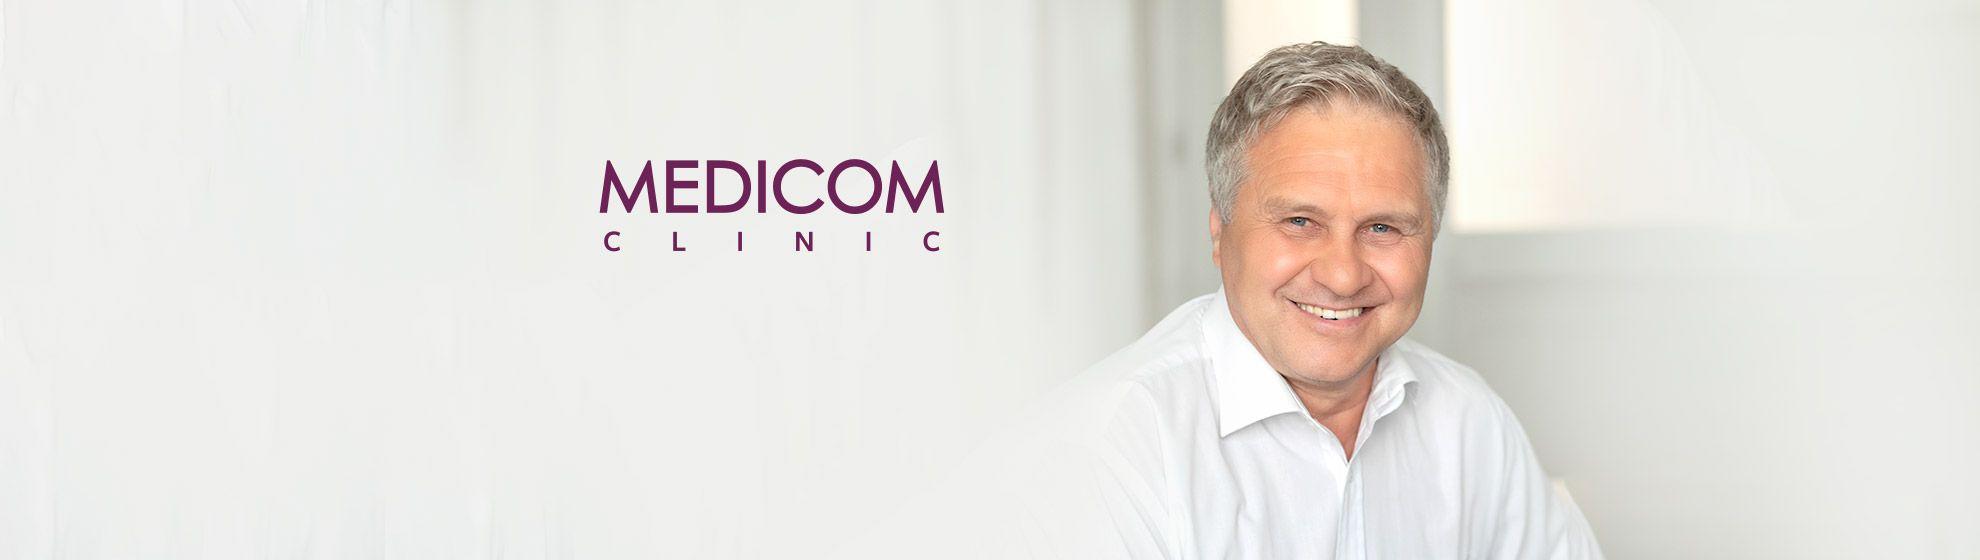 MUDr. Peter Ondrejka - MEDICOM Clinic